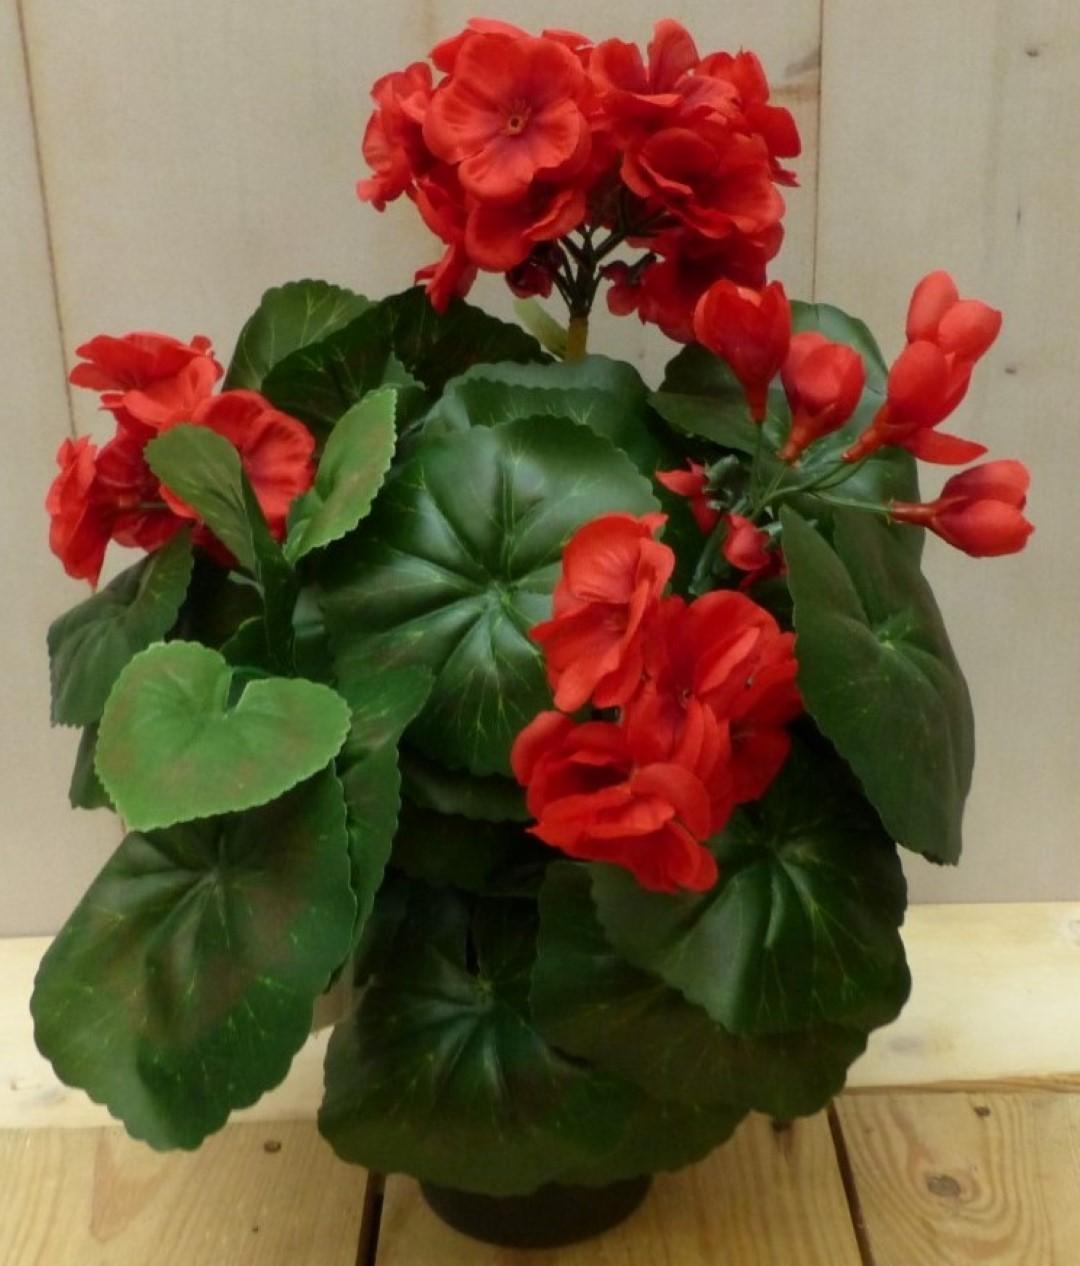 Kunstgeranium rood in potje 25 cm